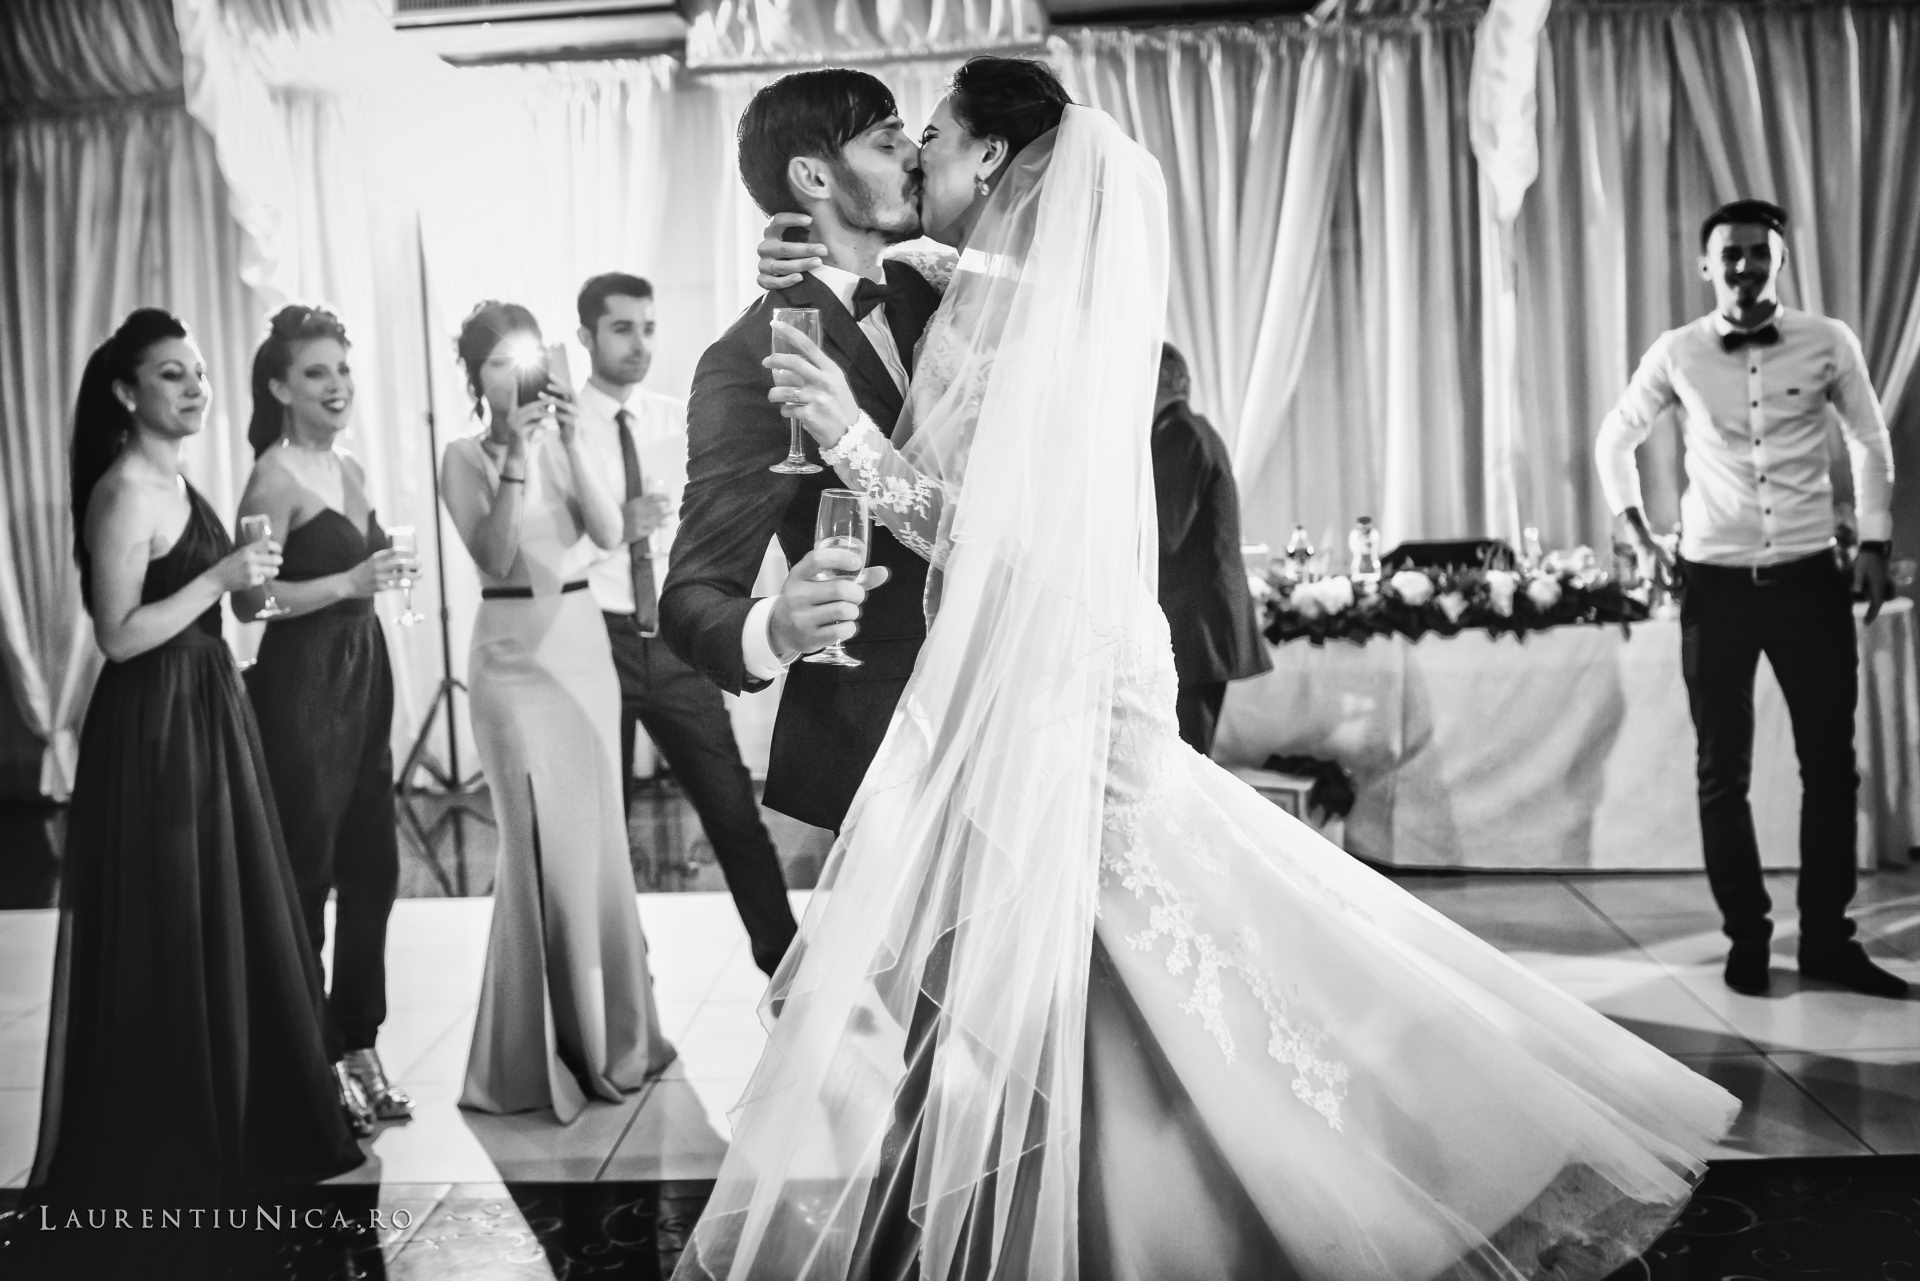 Cristina si Ovidiu nunta Craiova fotograf laurentiu nica 137 - Cristina & Ovidiu | Fotografii nunta | Craiova